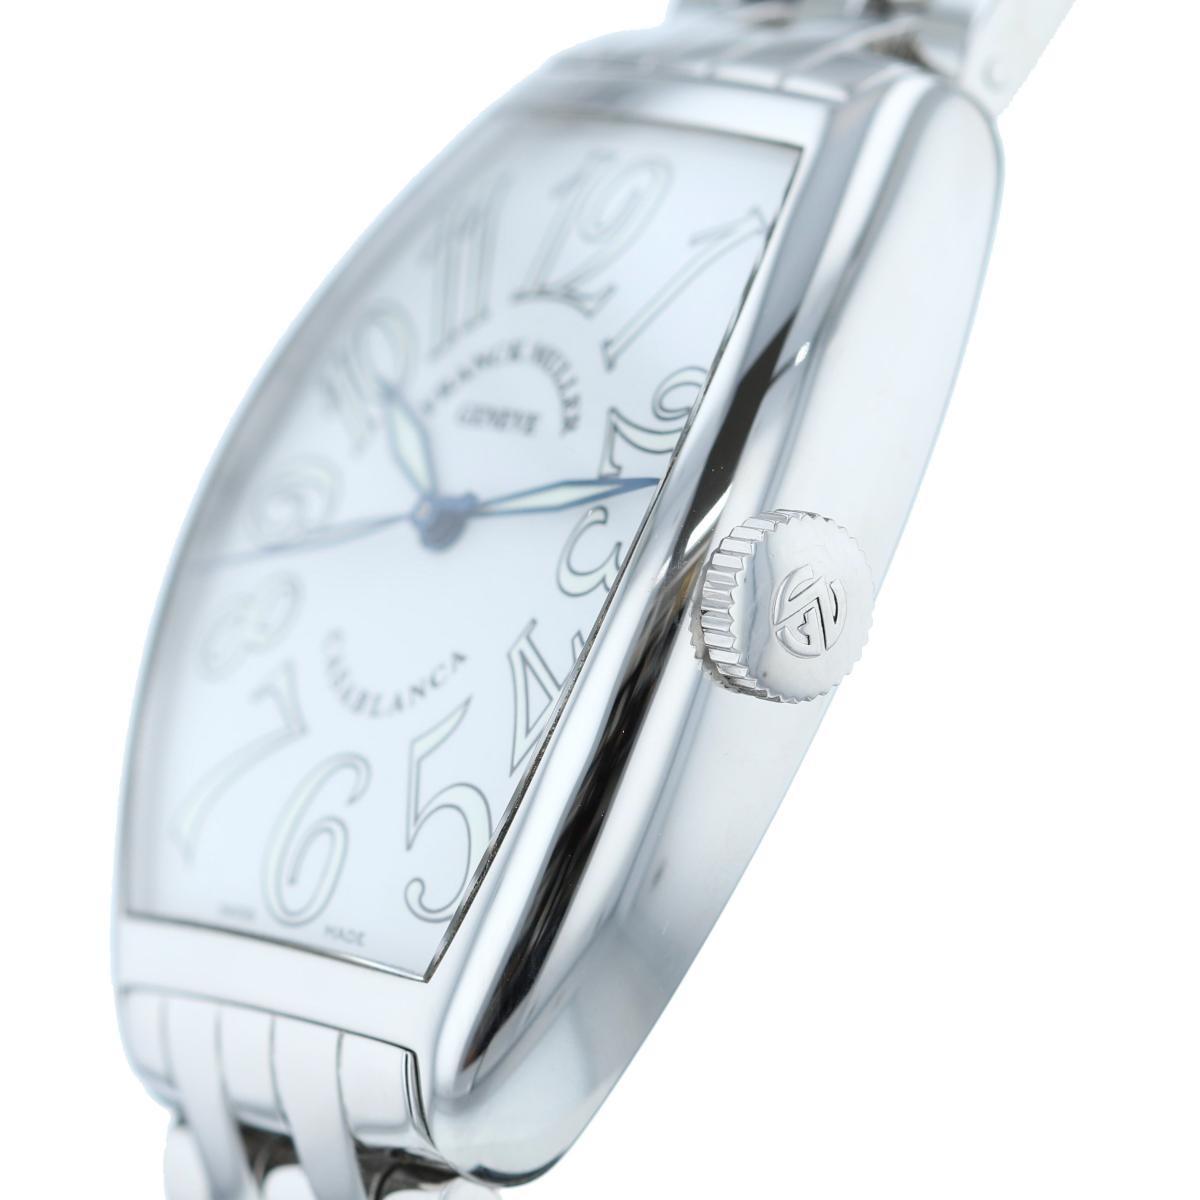 【中古】 FRANCK MULLER (フランクミュラー) カサブランカ White 時計 自動巻き/メンズ Casablanca White 5850CASA used:A